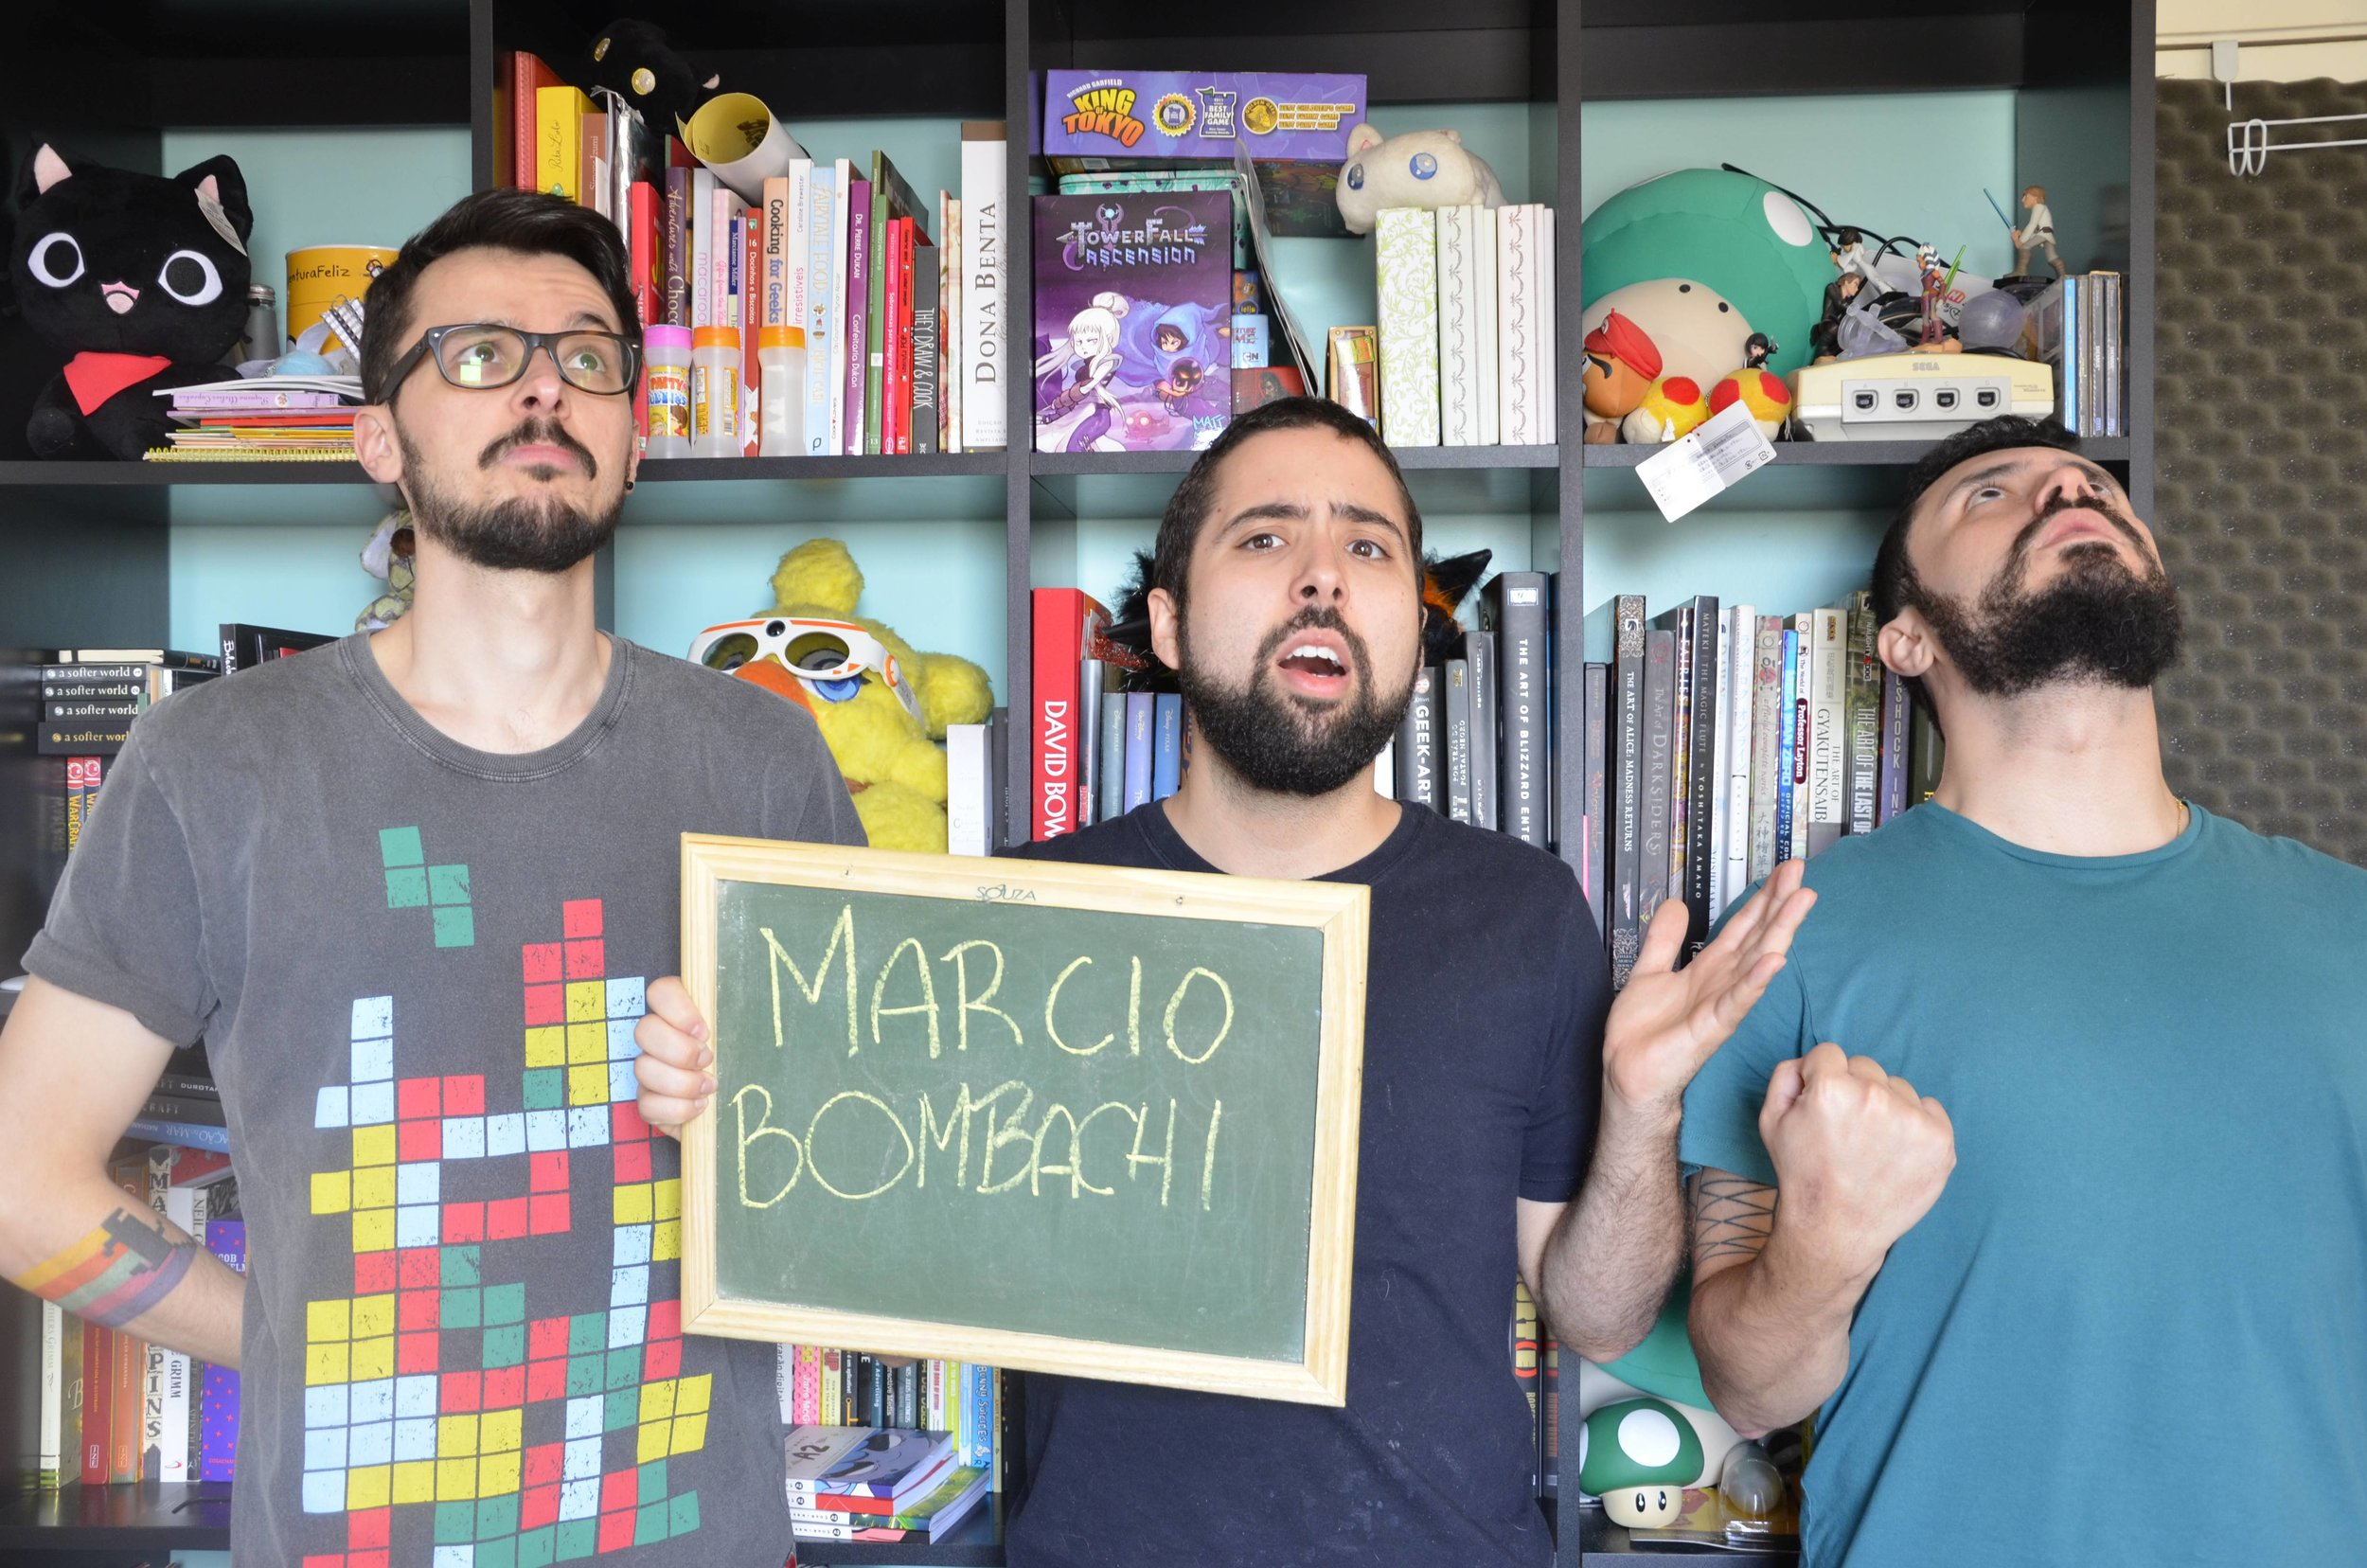 Marcio-Bombachi.jpg